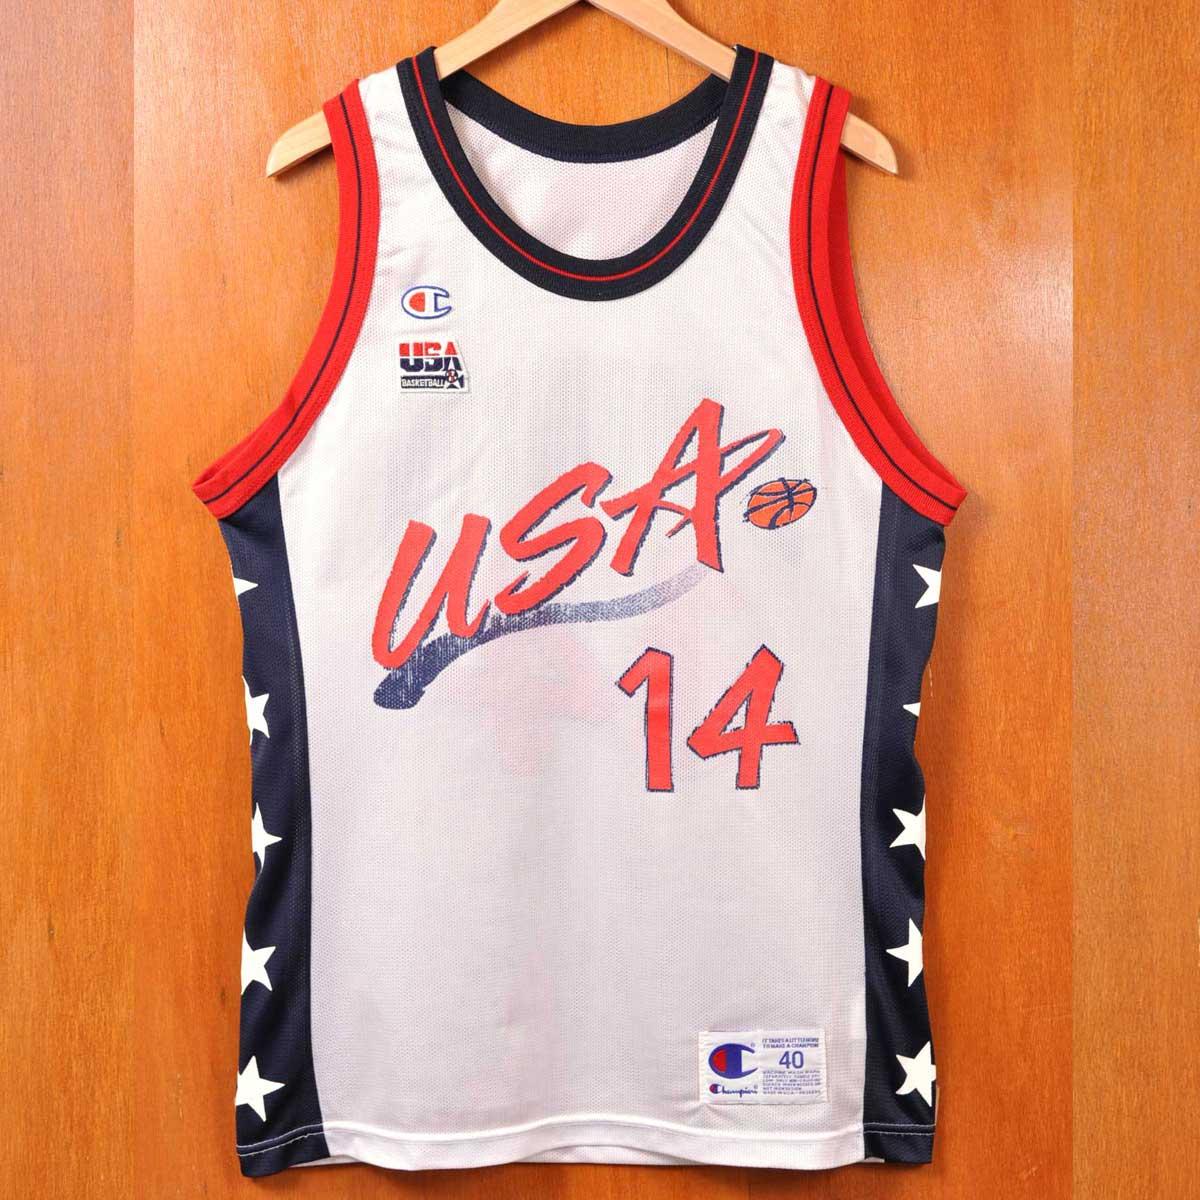 メンズL相当 状態:B USA製 a16 ヴィンテージ 1990年代 CHAMPION チャンピオン オリンピック バスケ グレン タンクトップ メンズS相当 数量限定アウトレット最安価格 ホワイト×ネイビー×レッド 中古 ドリームチーム ロビンソン マーケティング ユニフォーム